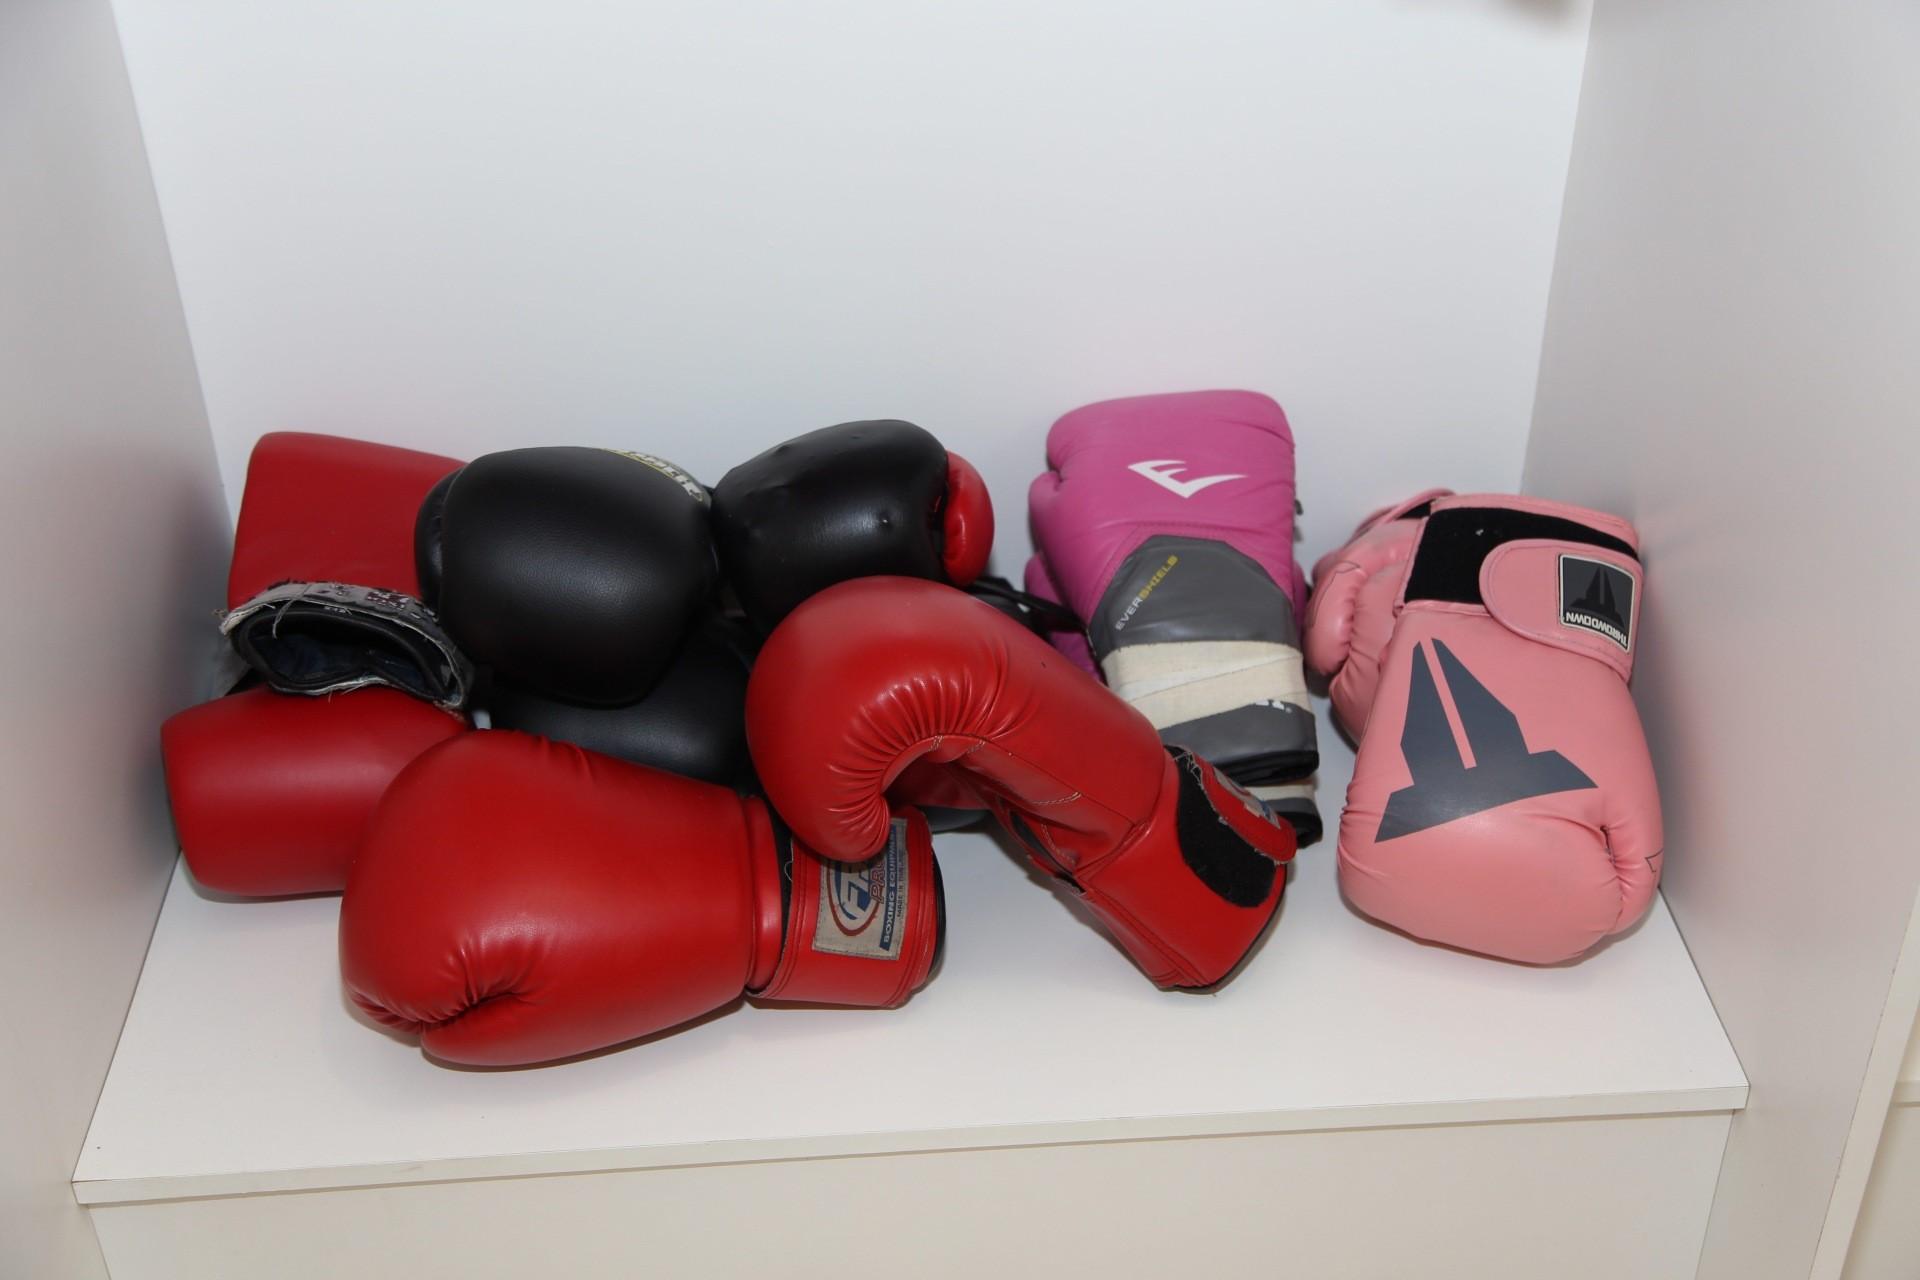 As luvas de boxe vo ganhar espao na apresentao (Foto: Fabiano Leone)